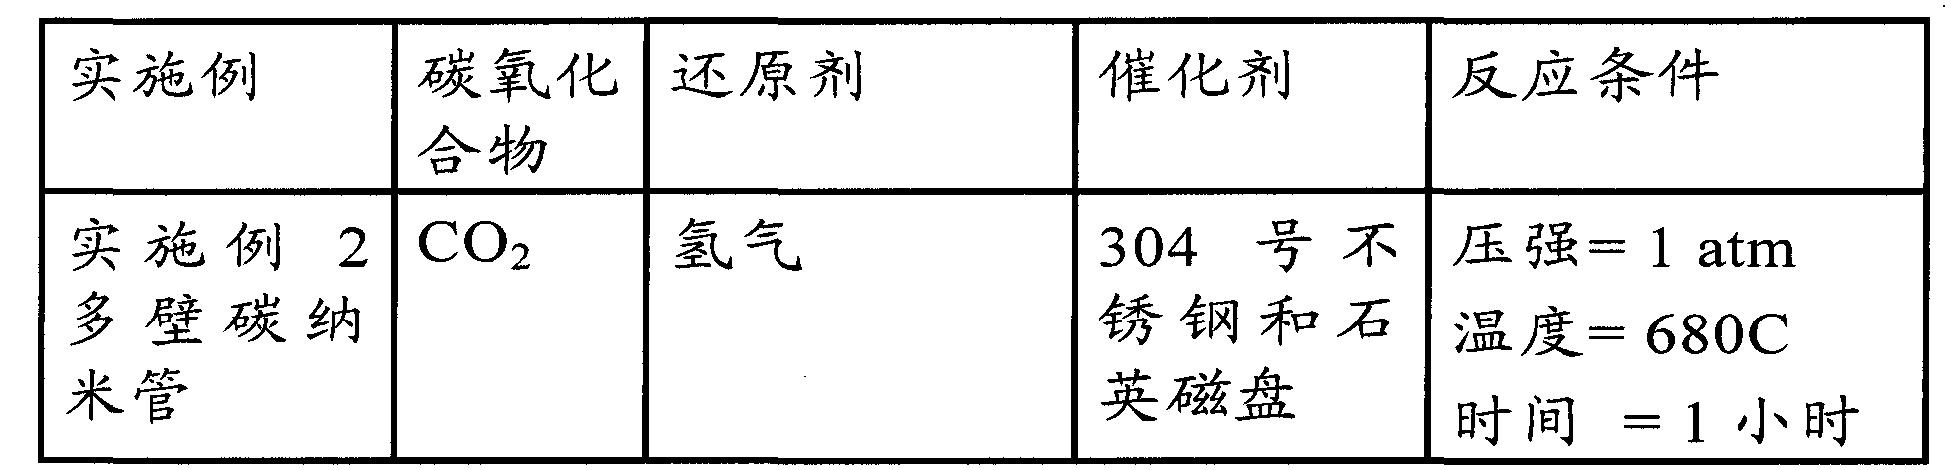 Figure CN102459727BD00232